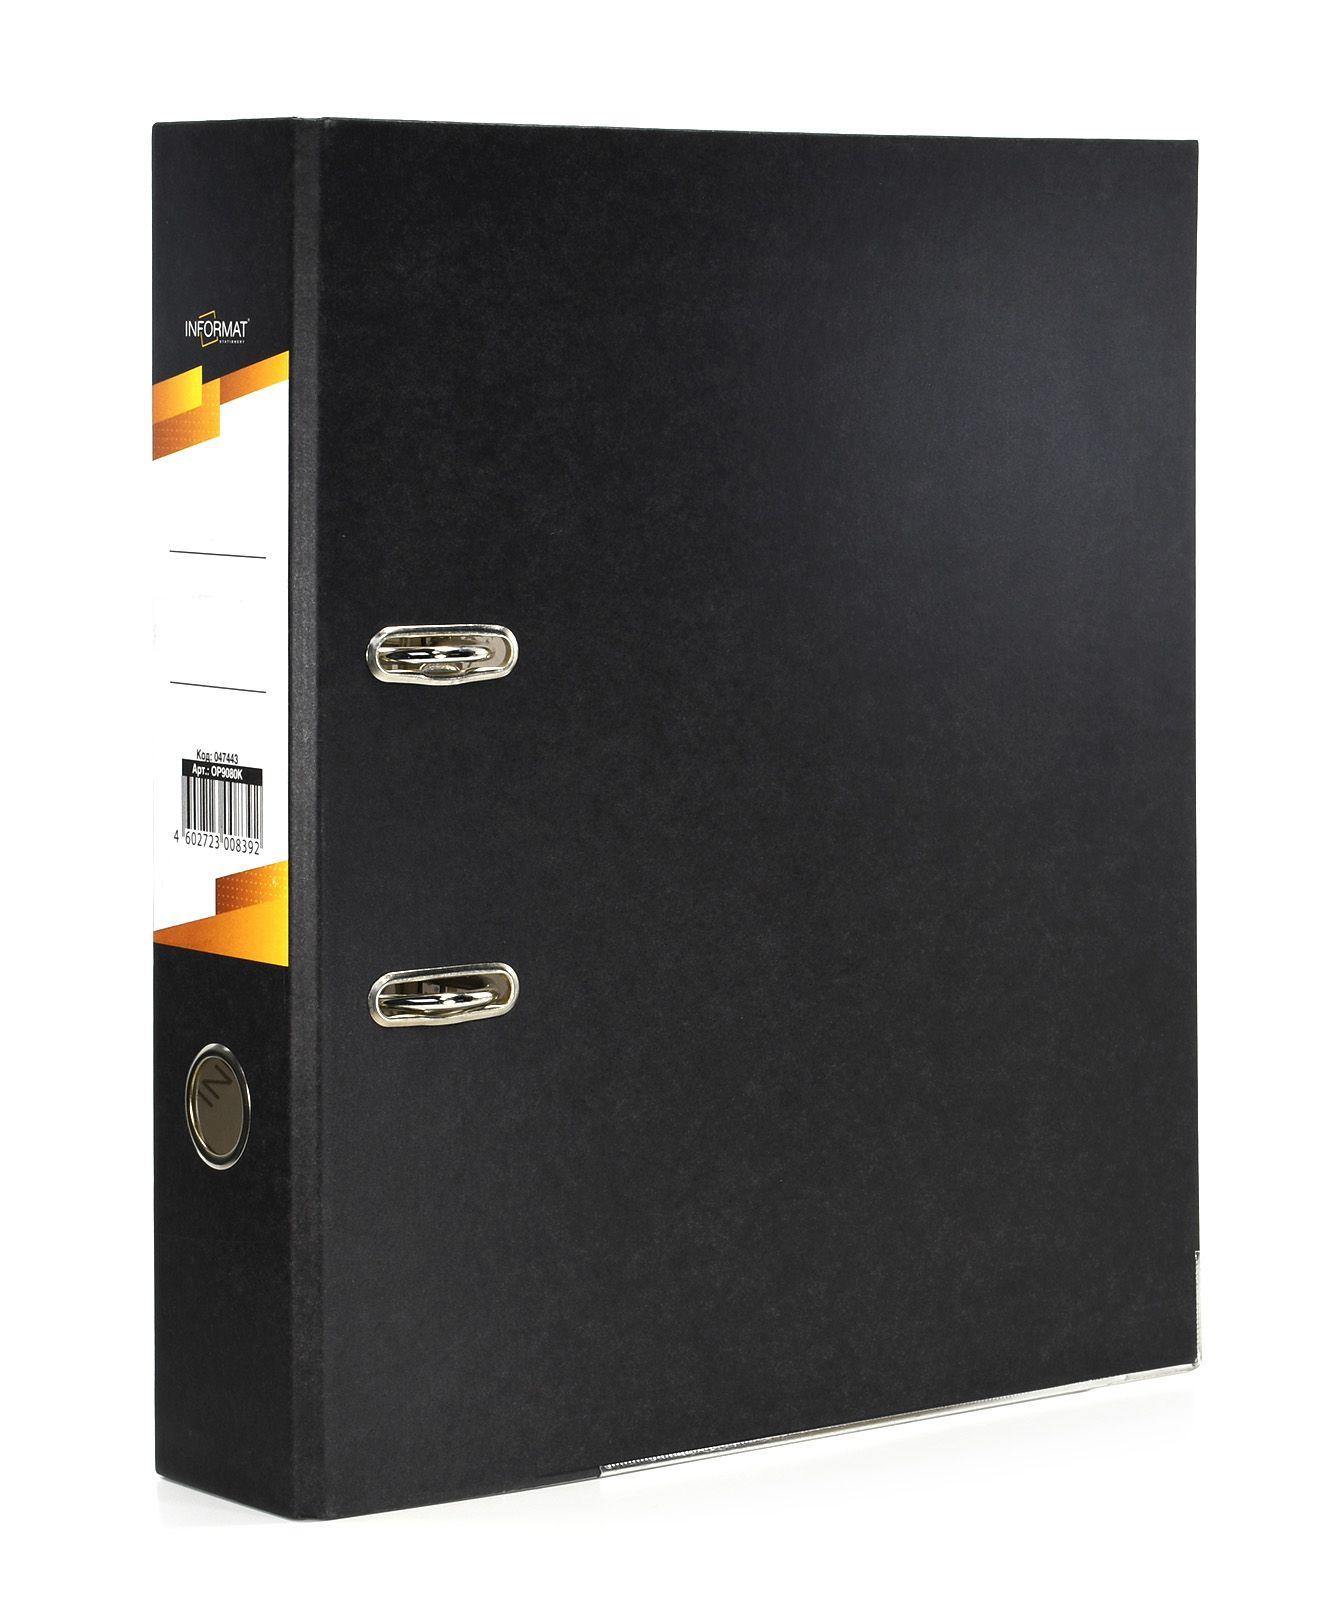 Папка-регистратор INFORMAT 75 мм бумага, черная